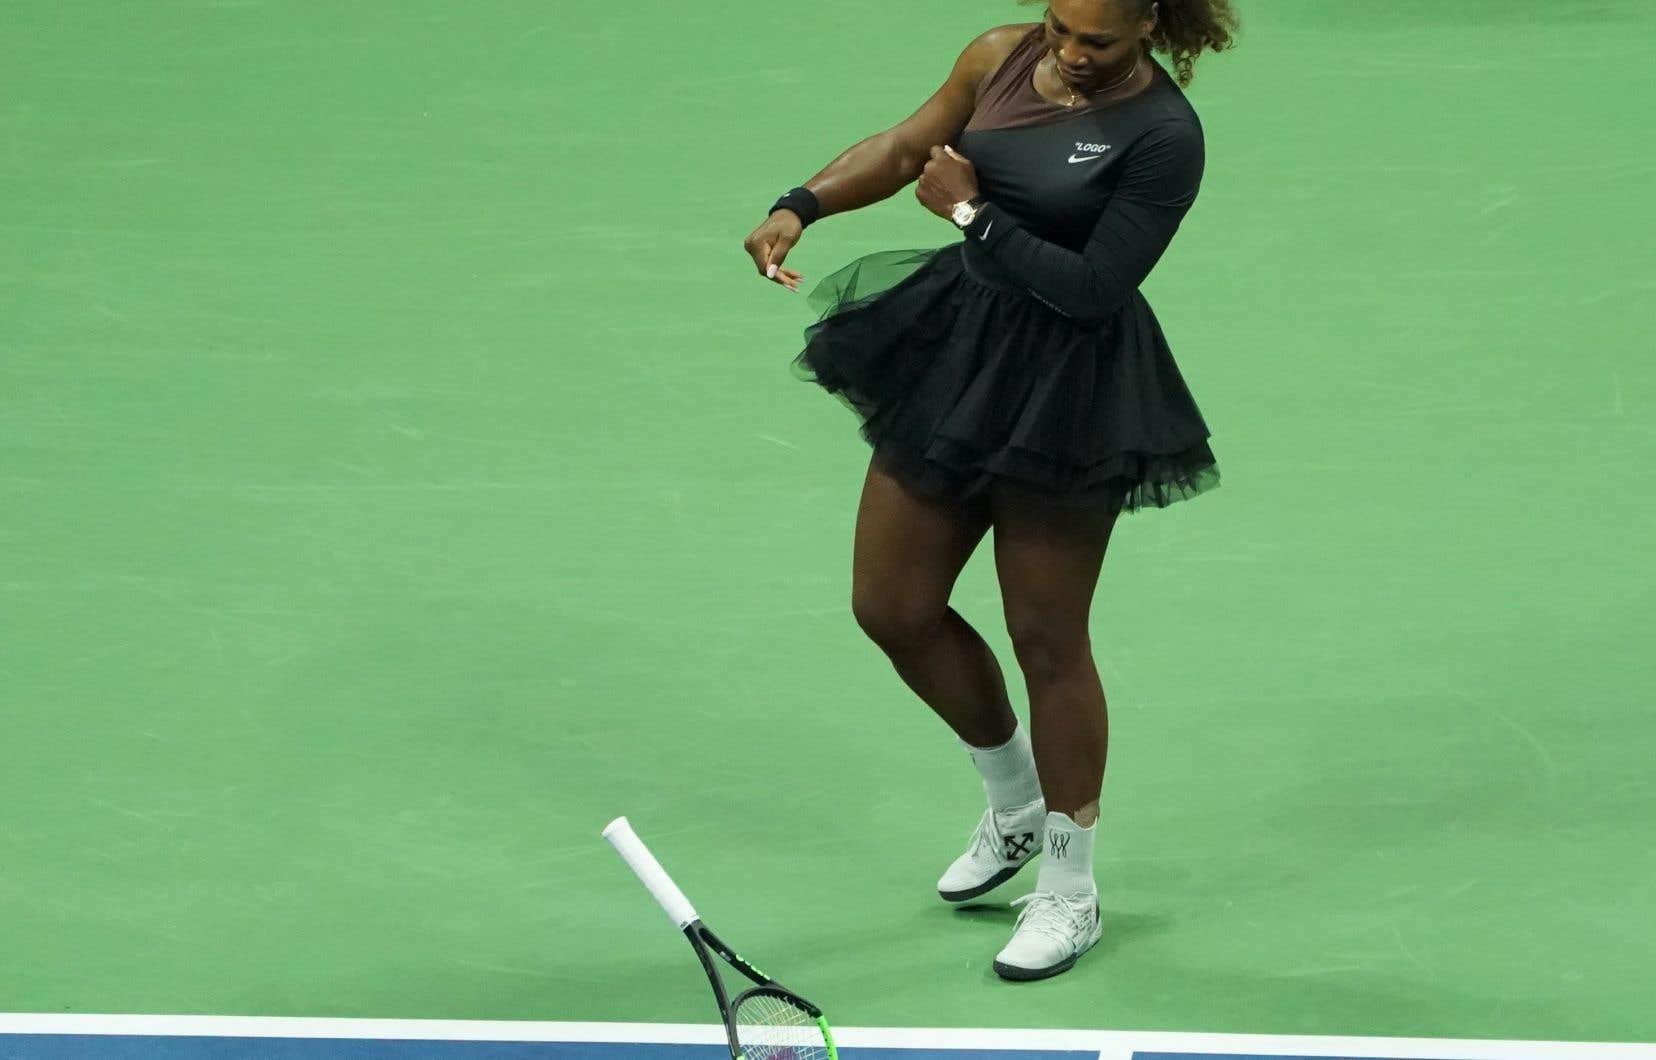 Au cours de sa finale perdue contre la Japonaise Naomi Osaka, Serena Williams avait été avertie pour «coaching», «bris de raquette», puis «insulte».